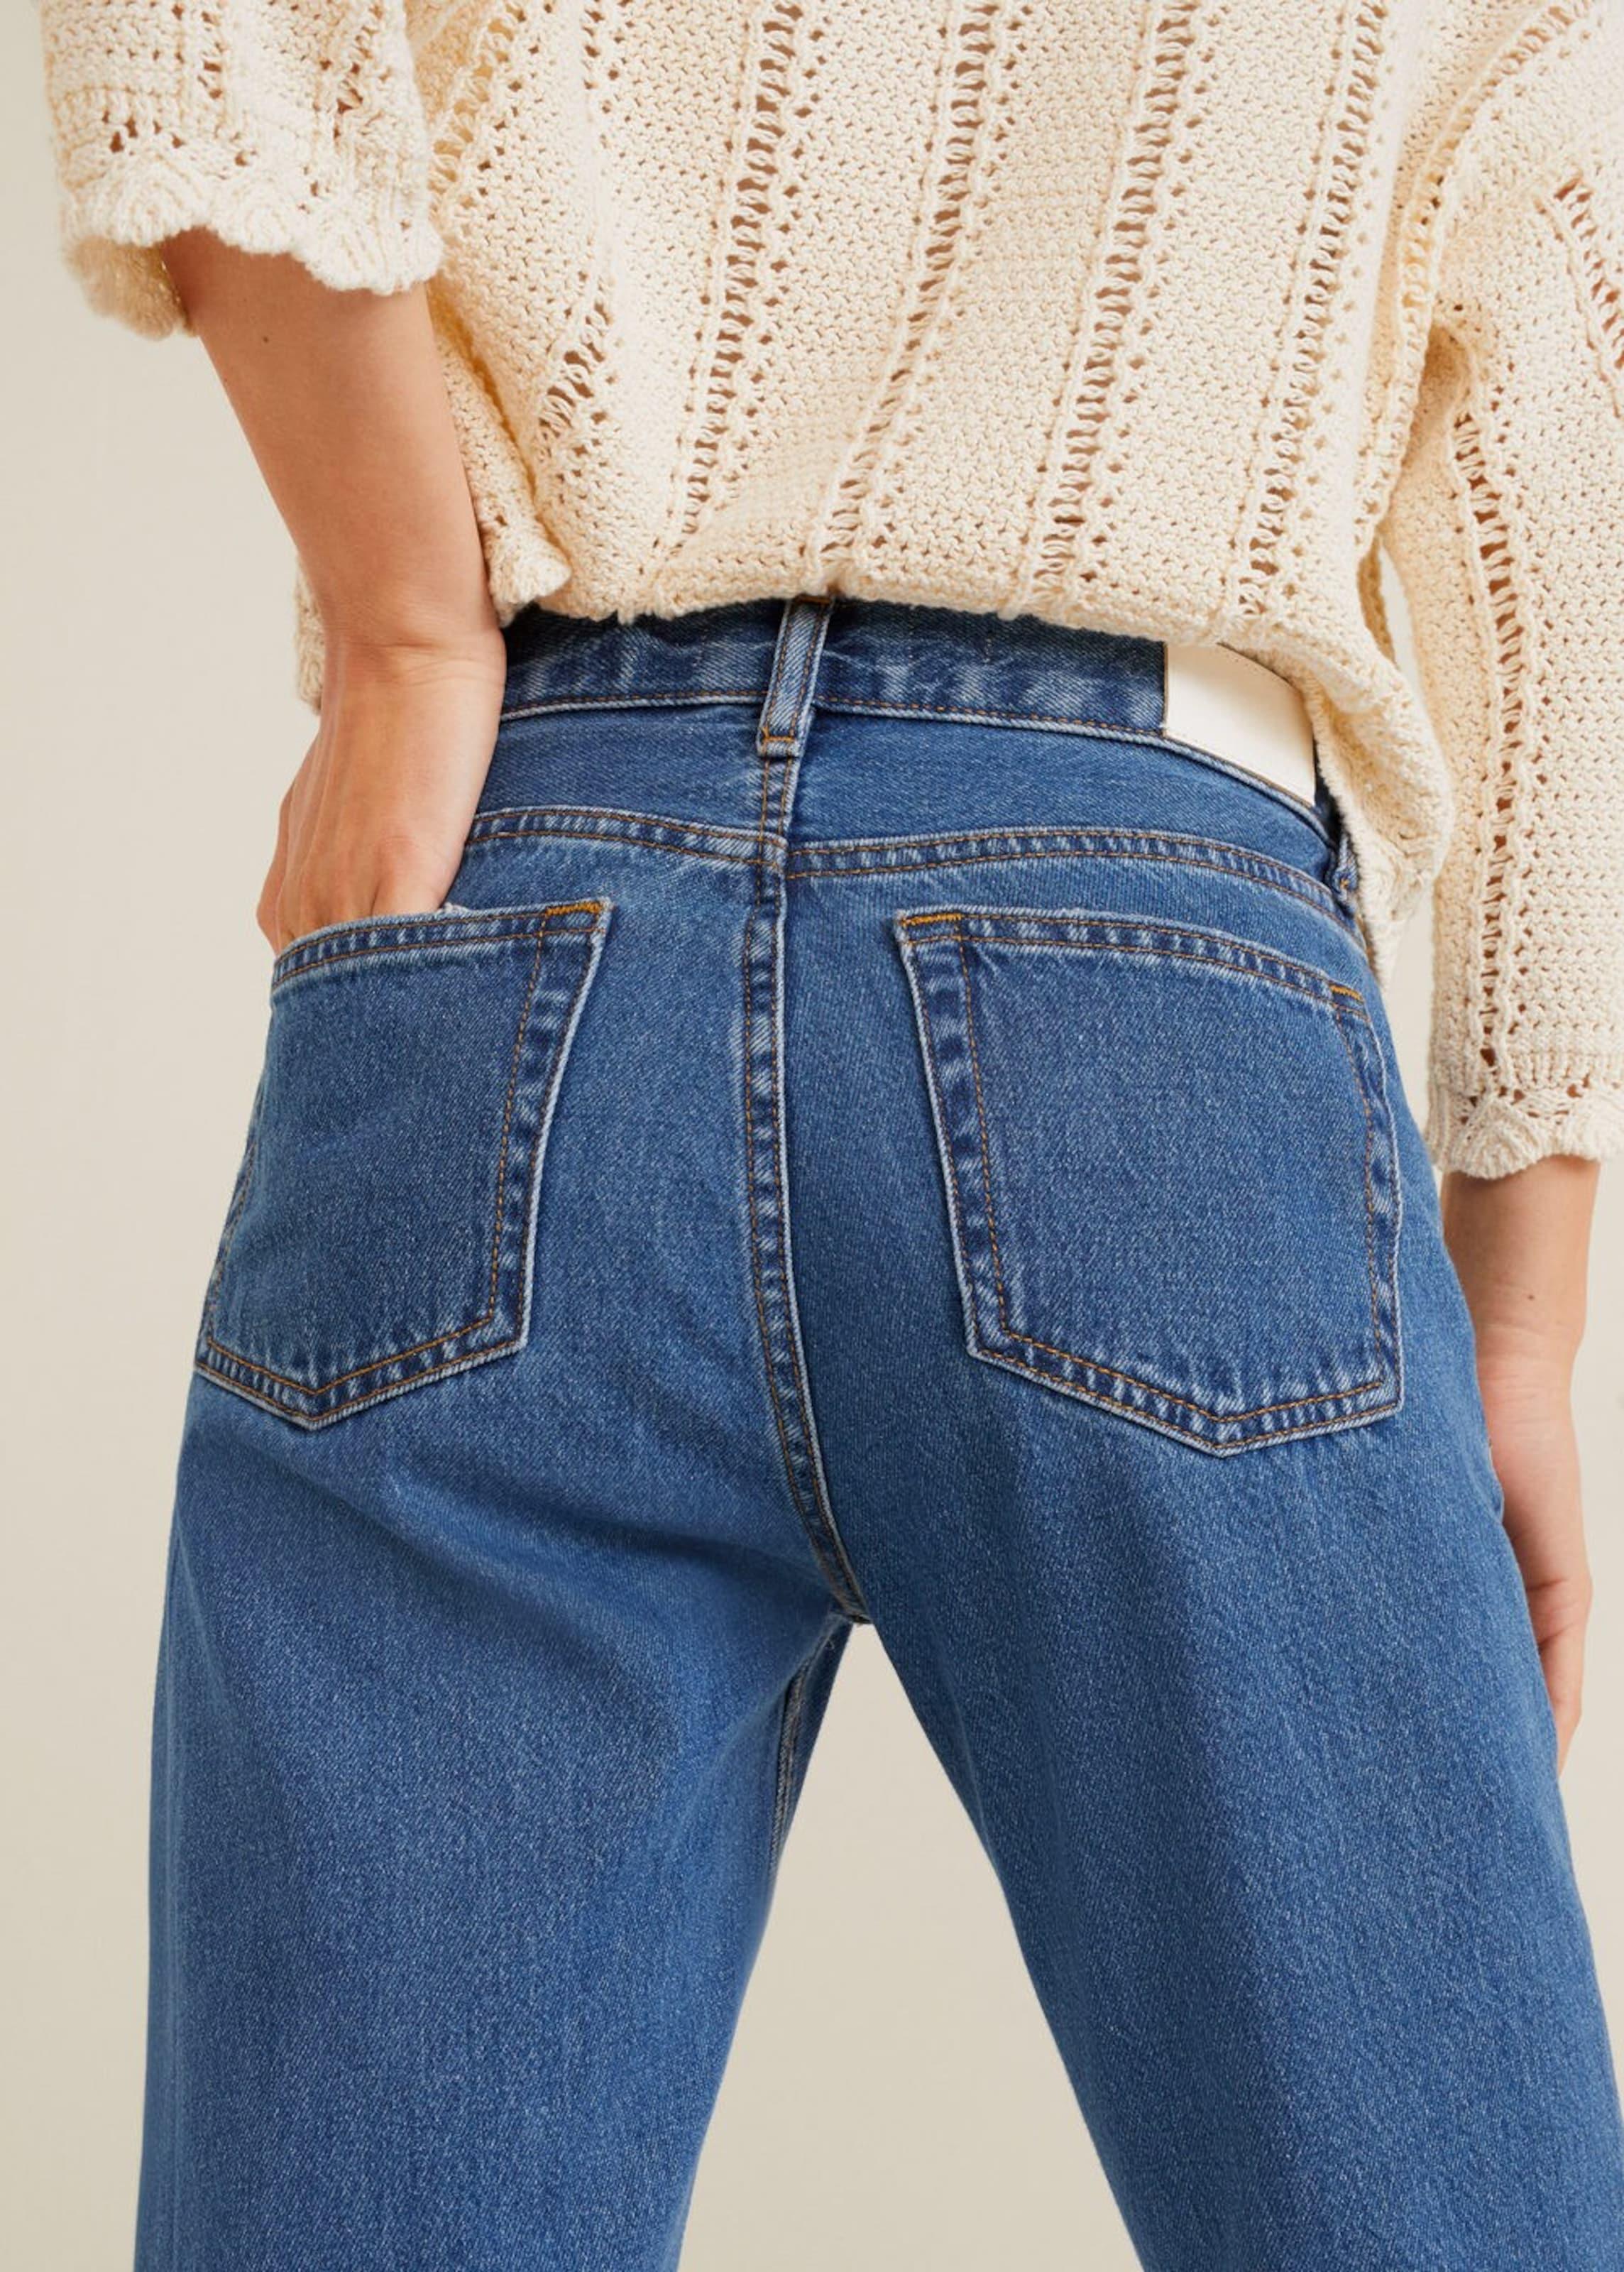 Mango Mango 'sayana' Jeans Jeans Dunkelblau In Jeans Mango 'sayana' In Dunkelblau 'sayana' In 80OPknwNX